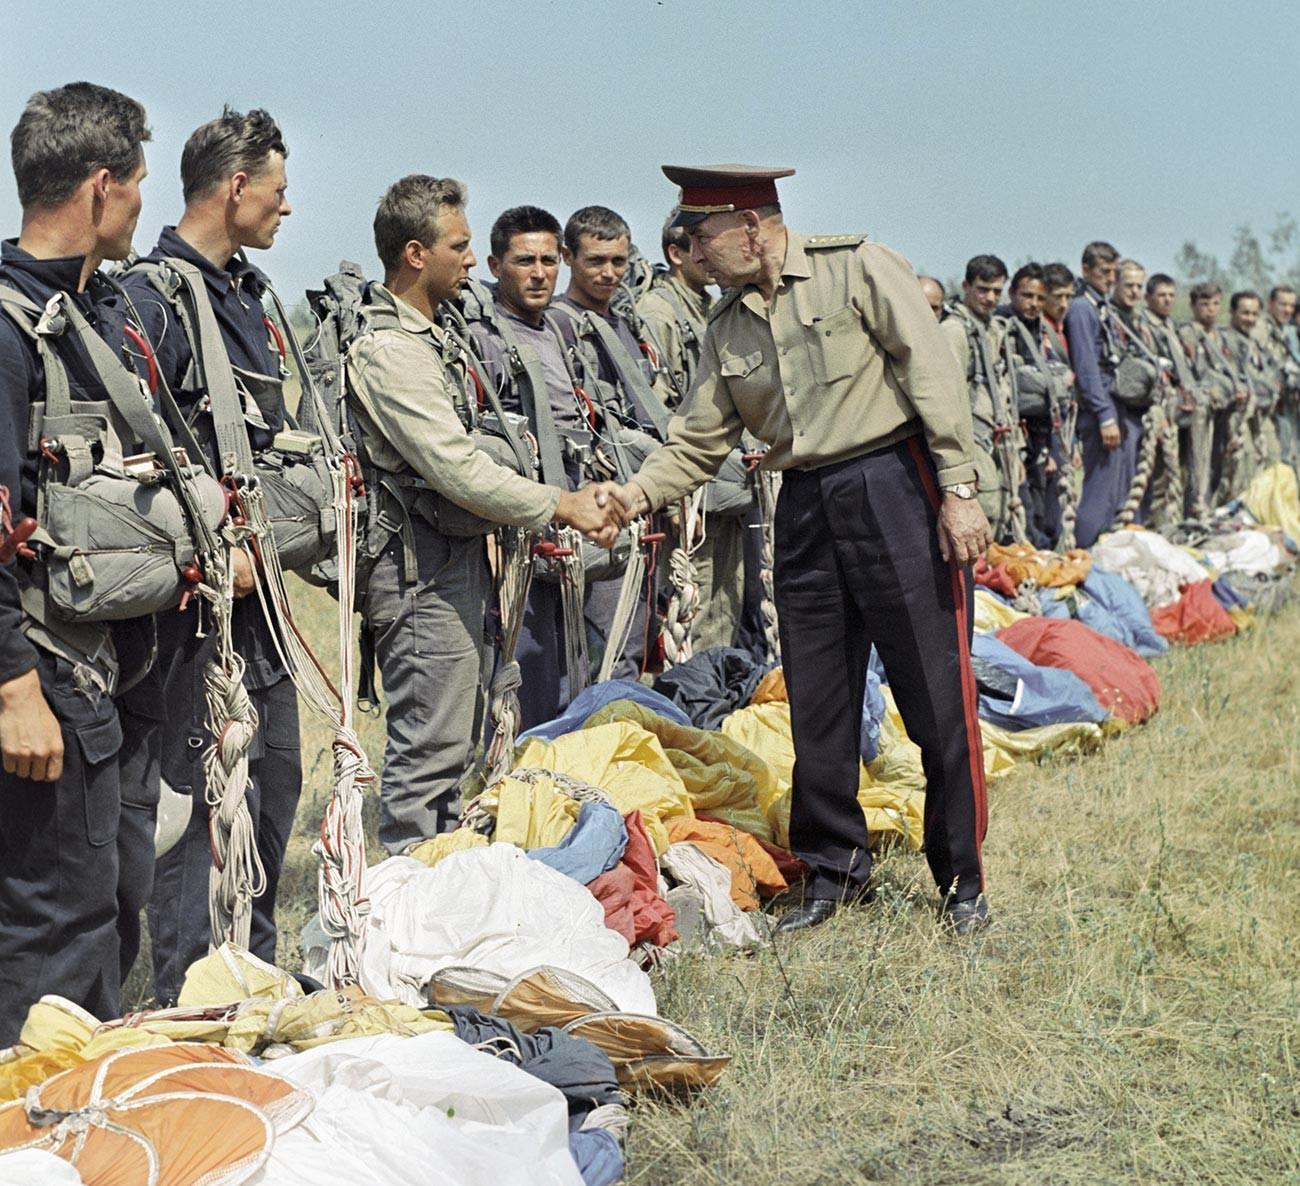 Le commandant des forces aéroportées, le général d'armée Vassili Marguelov, remercie les parachutistes.